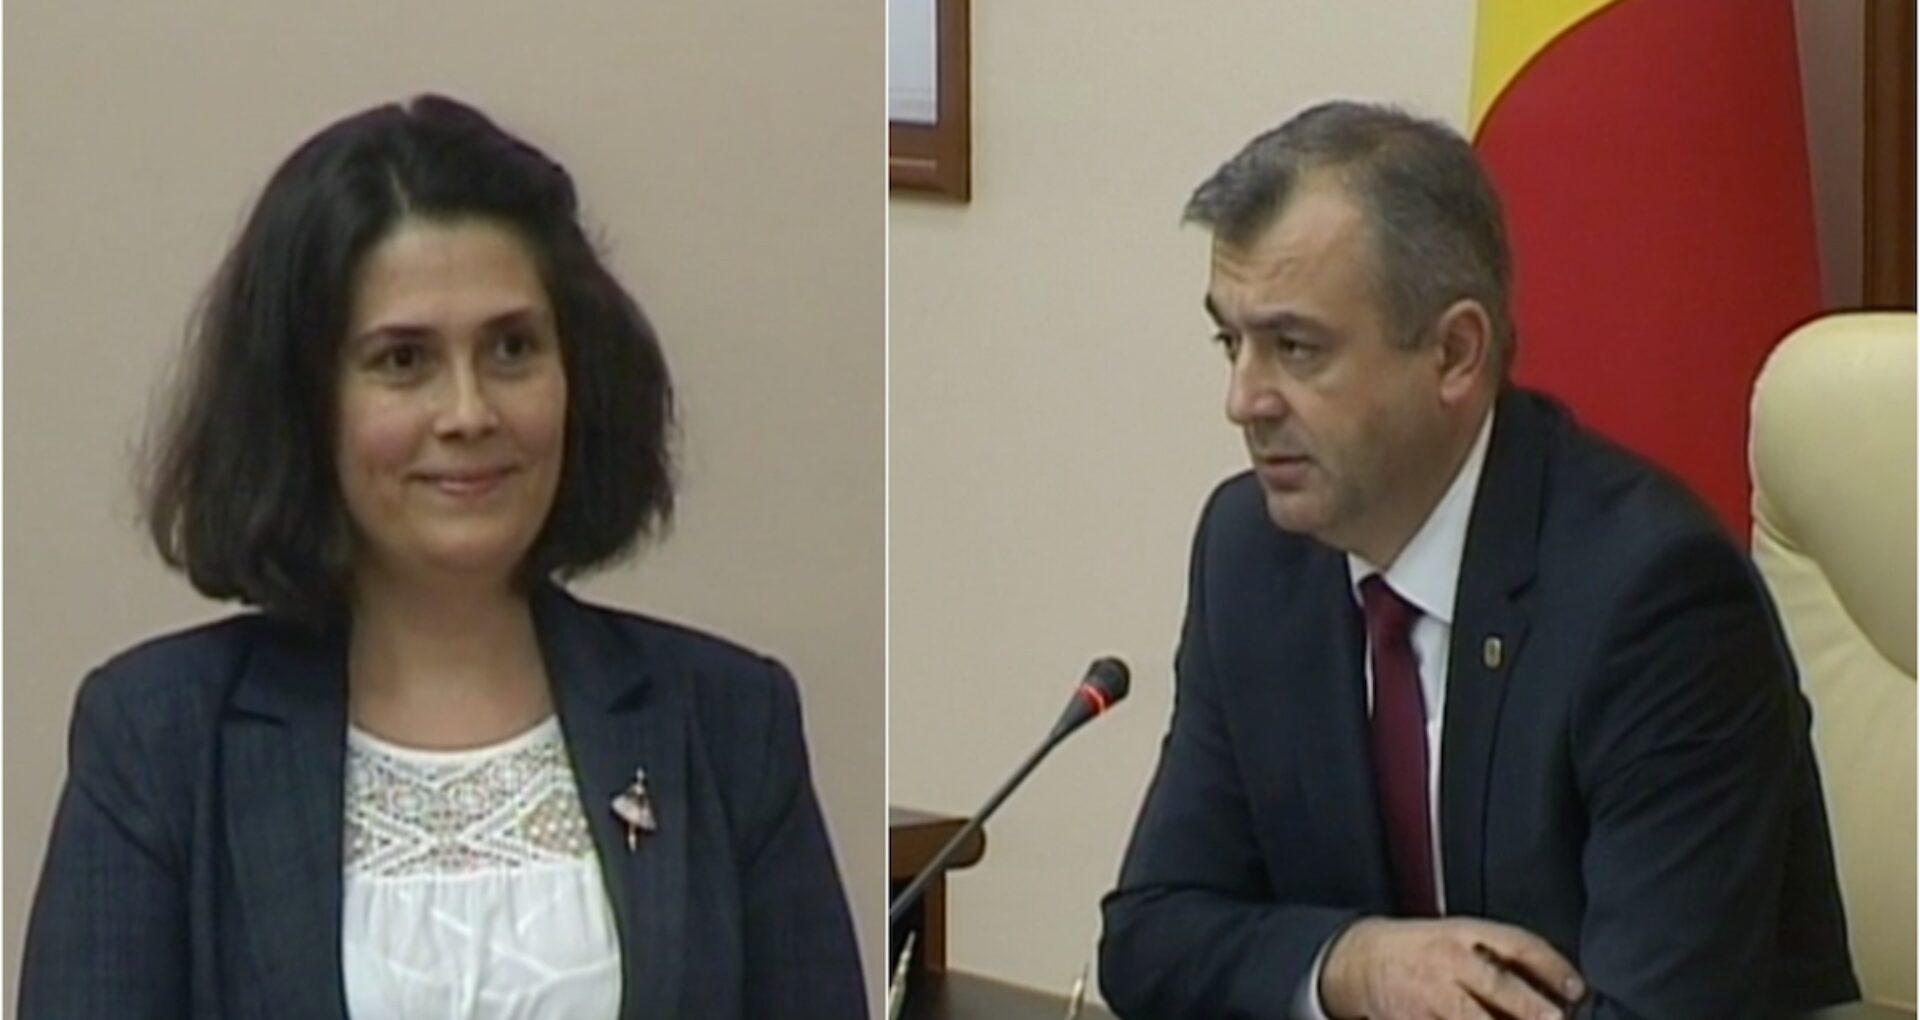 Prim-ministrul și-a numit cumătra în funcția de șefă a Cancelariei de Stat? Cum comentează Ion Chicu